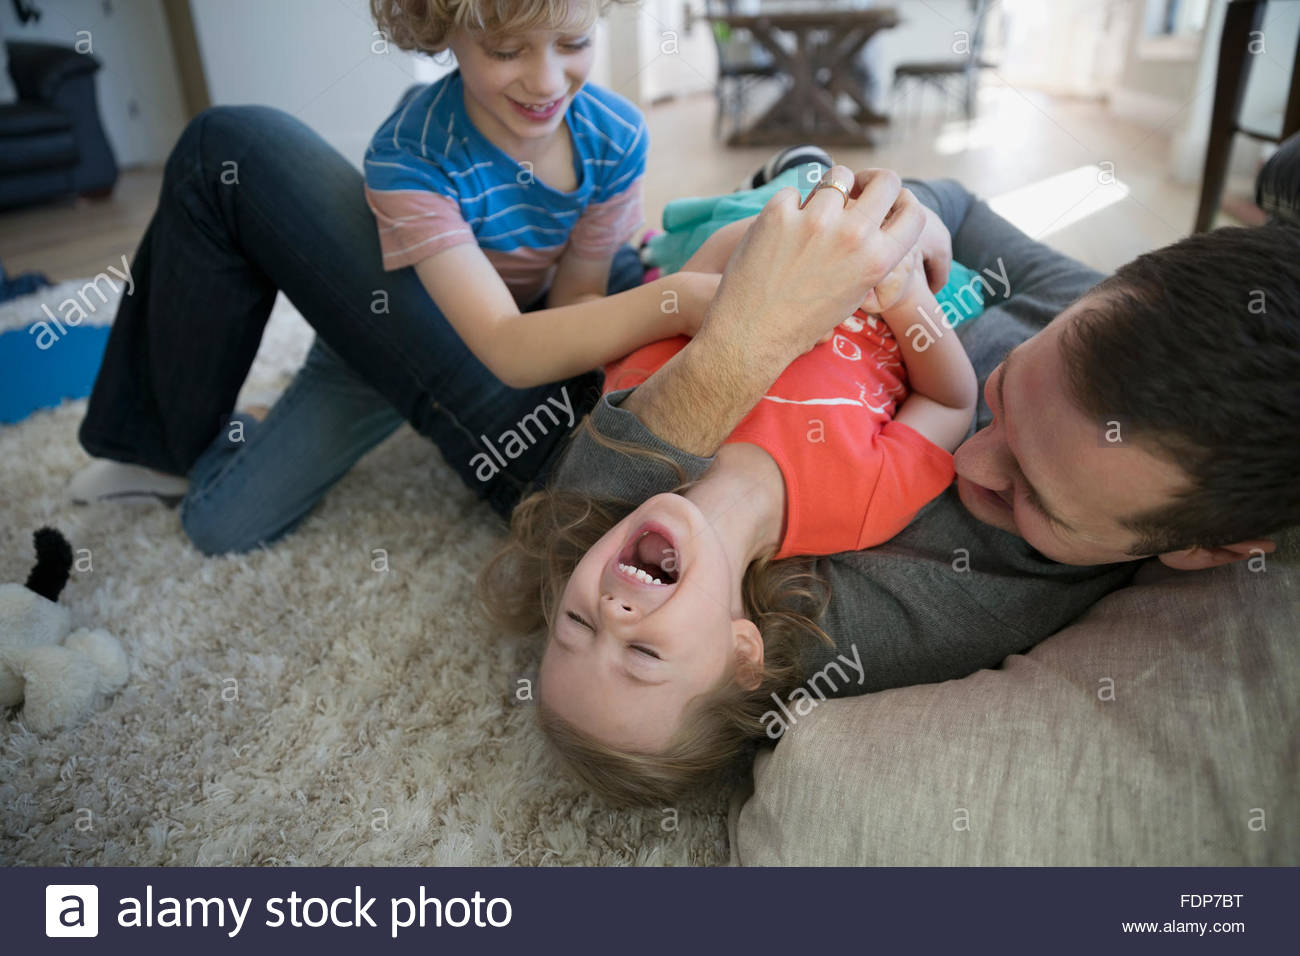 Padre e Fratello solletico sorella su rug Immagini Stock